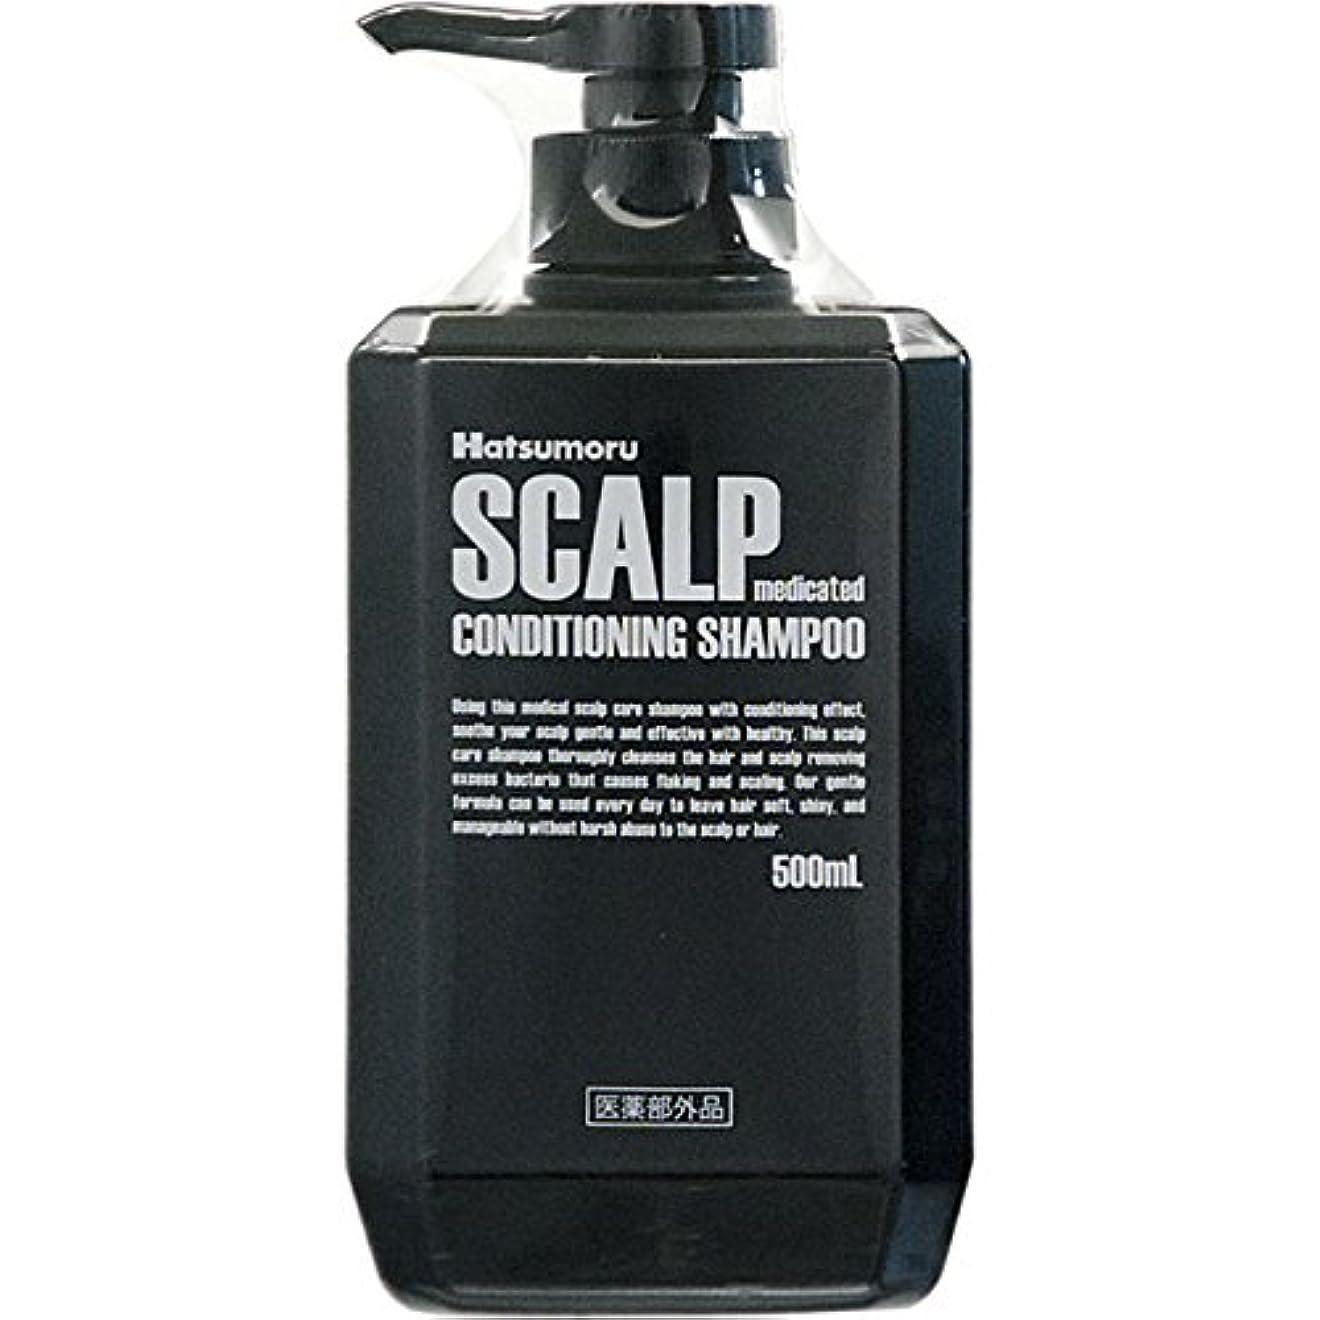 ダニリサイクルする湿原ハツモール 薬用スカルプシャンプー500MLx5